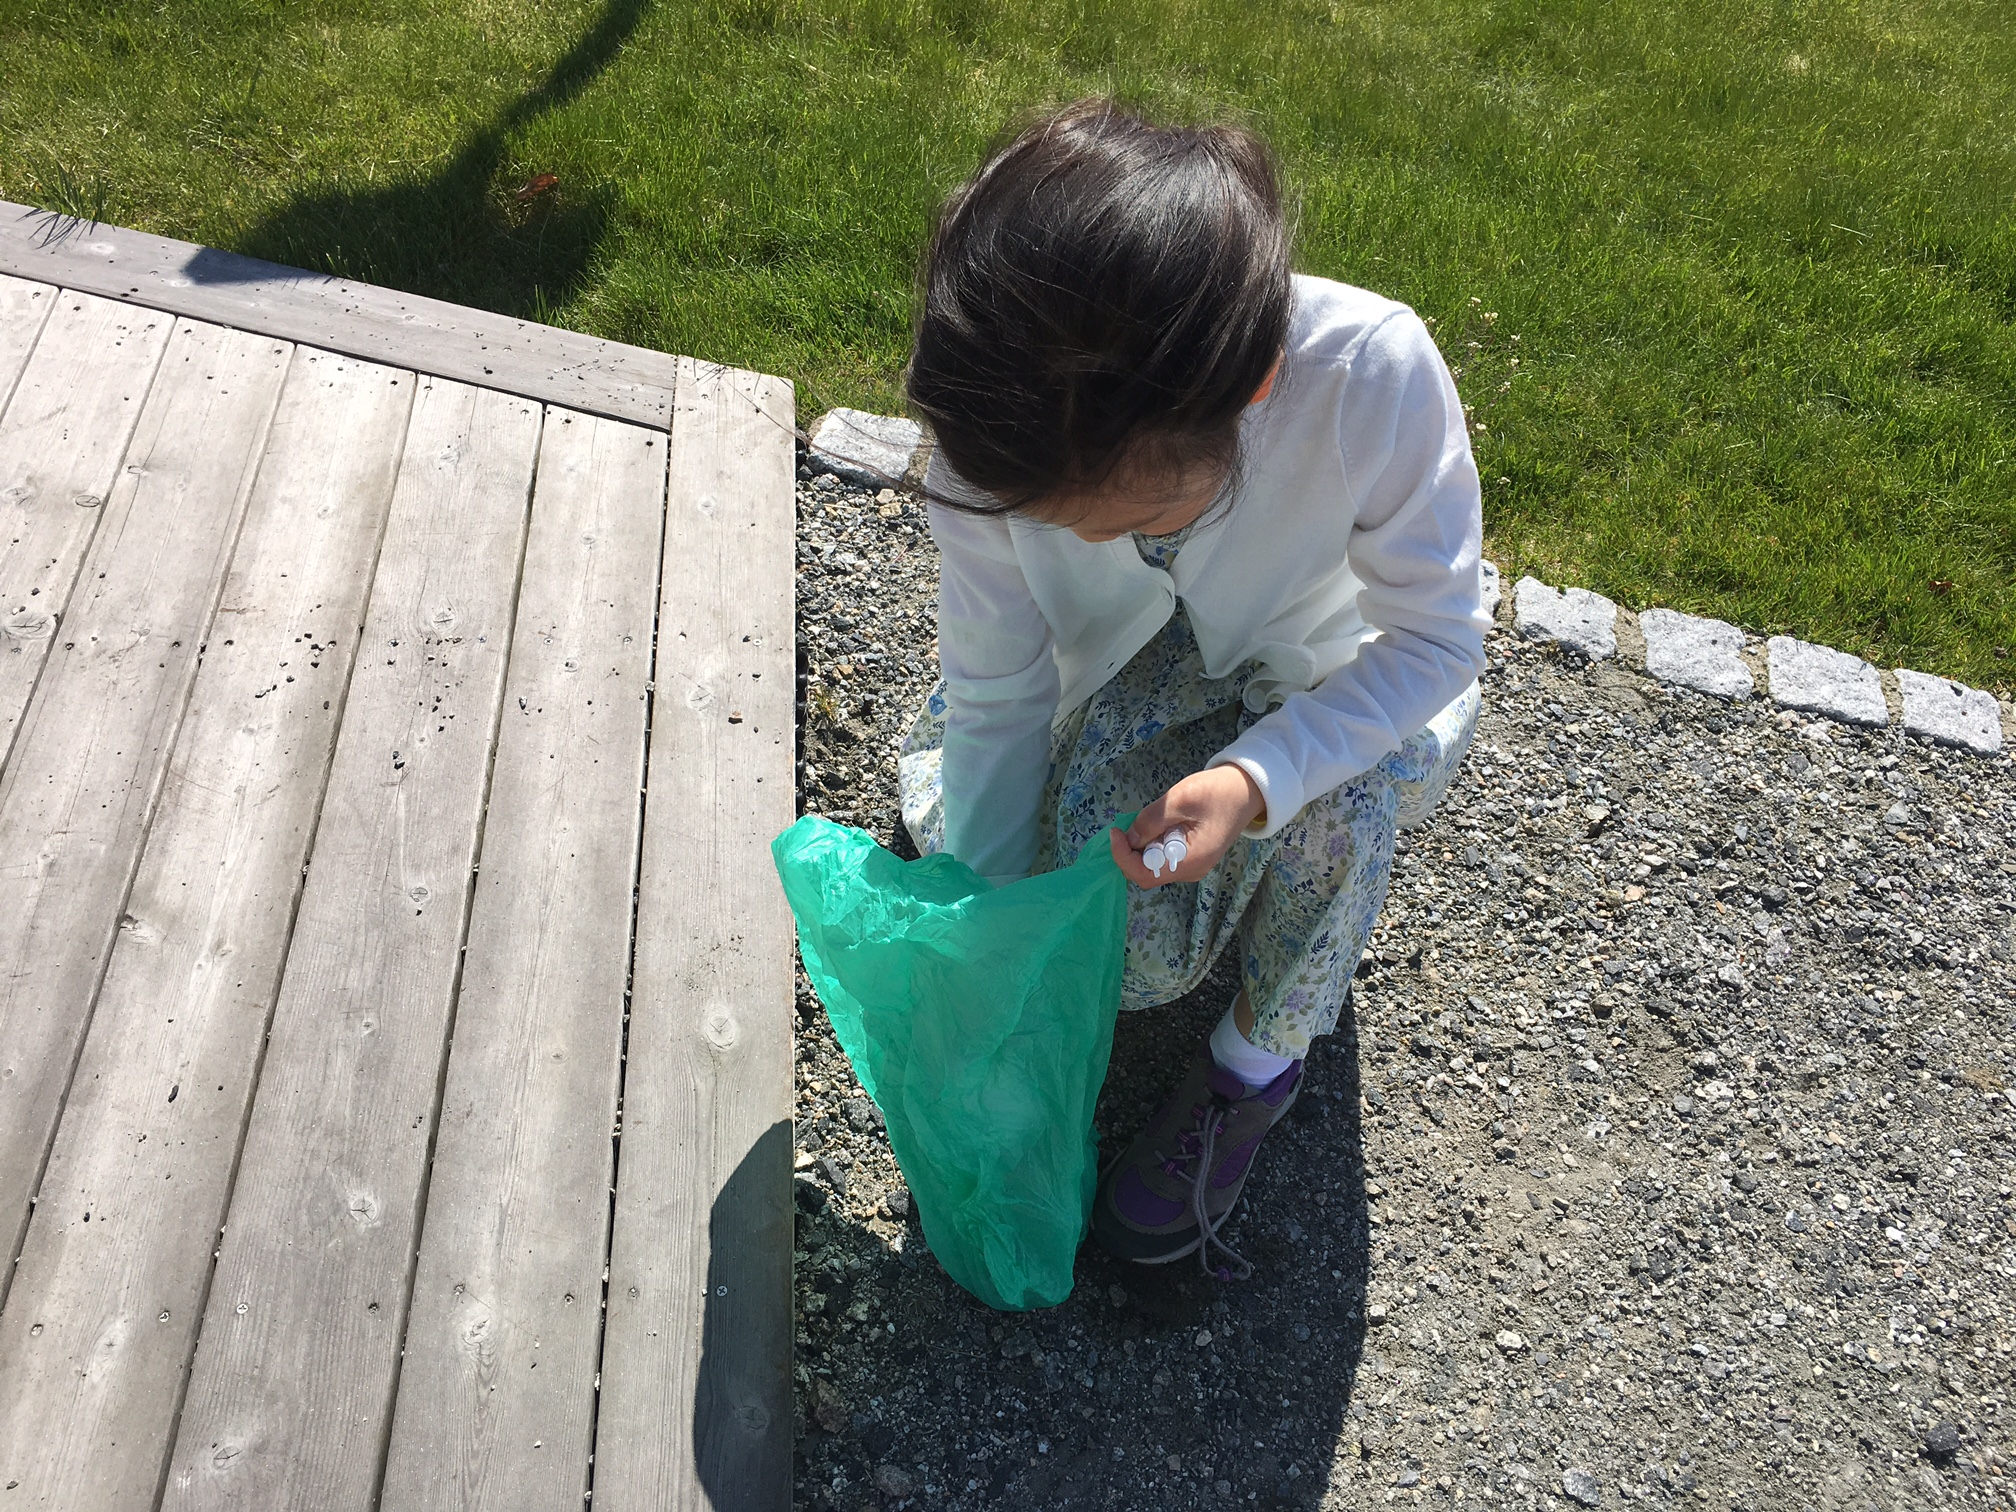 Keira picking rocks